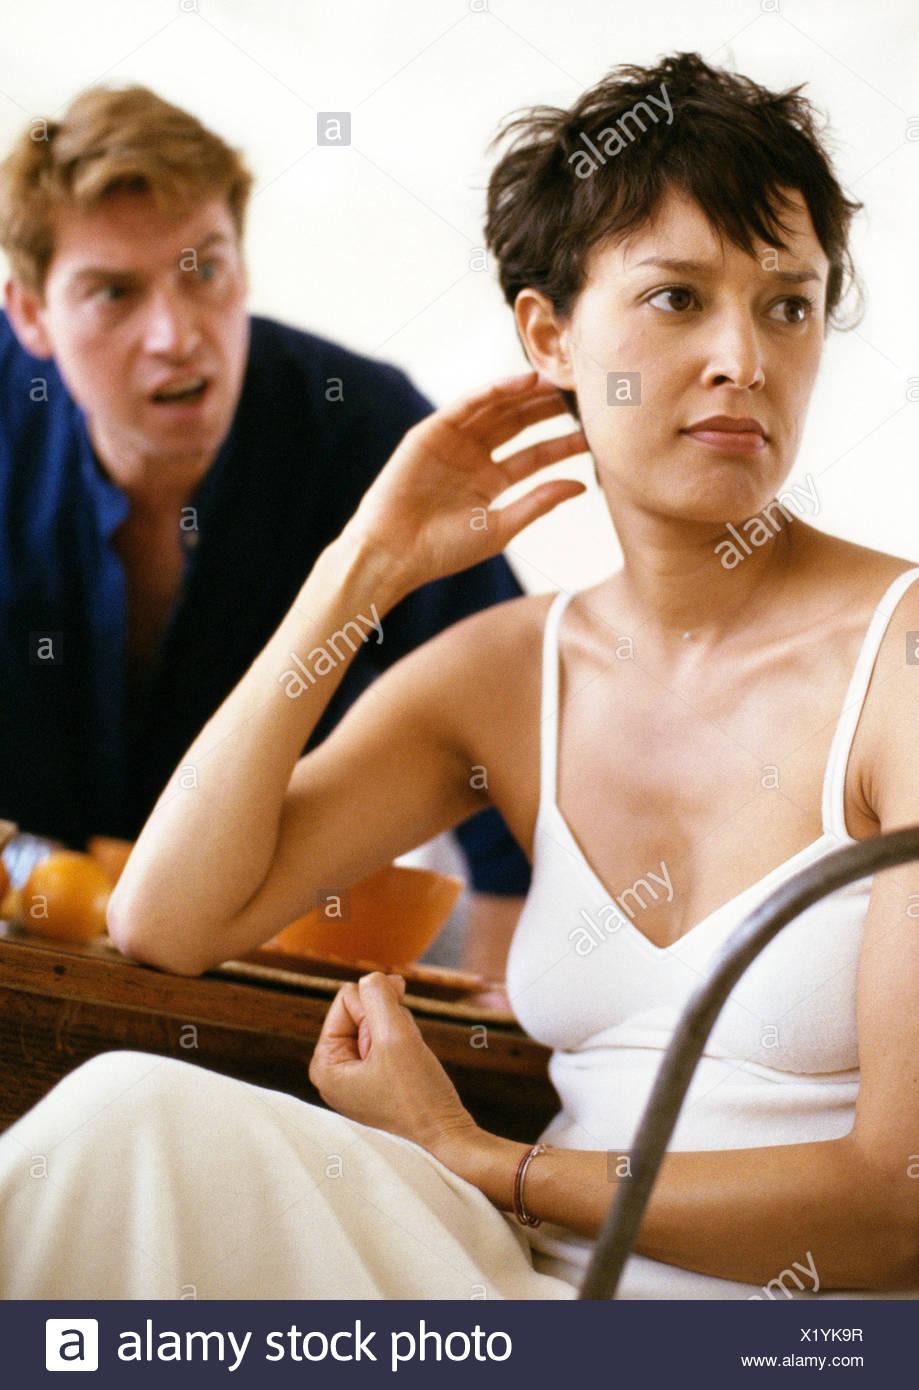 Couple arguing pendant le petit-déjeuner, tandis que man yelling femme regarde ailleurs en colère Banque D'Images